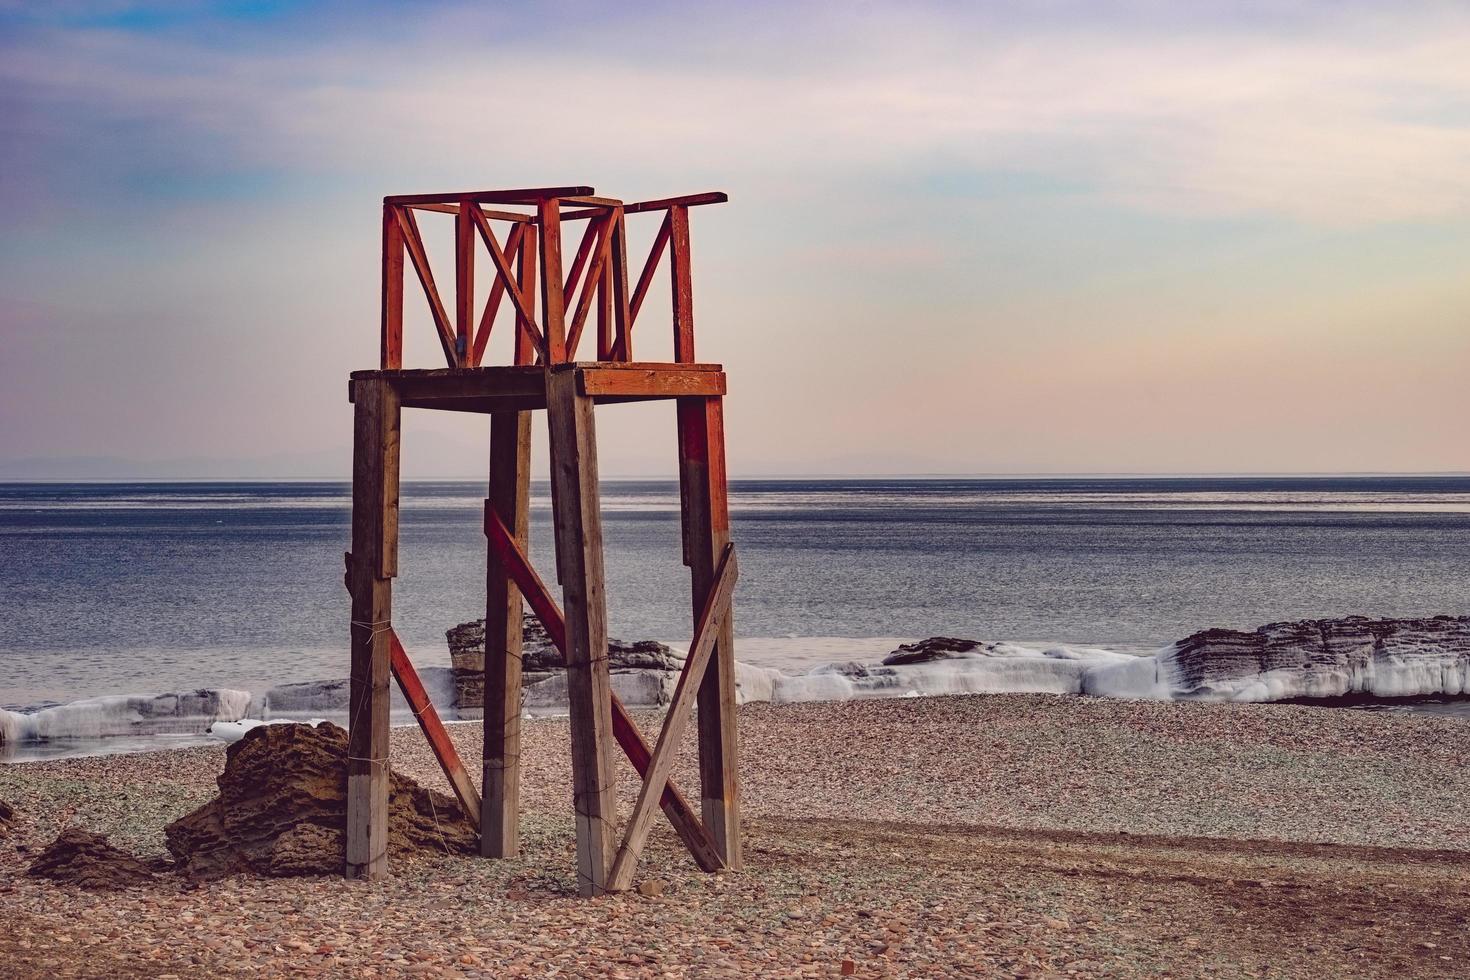 paesaggio marino con vista sulla spiaggia di vetro. foto